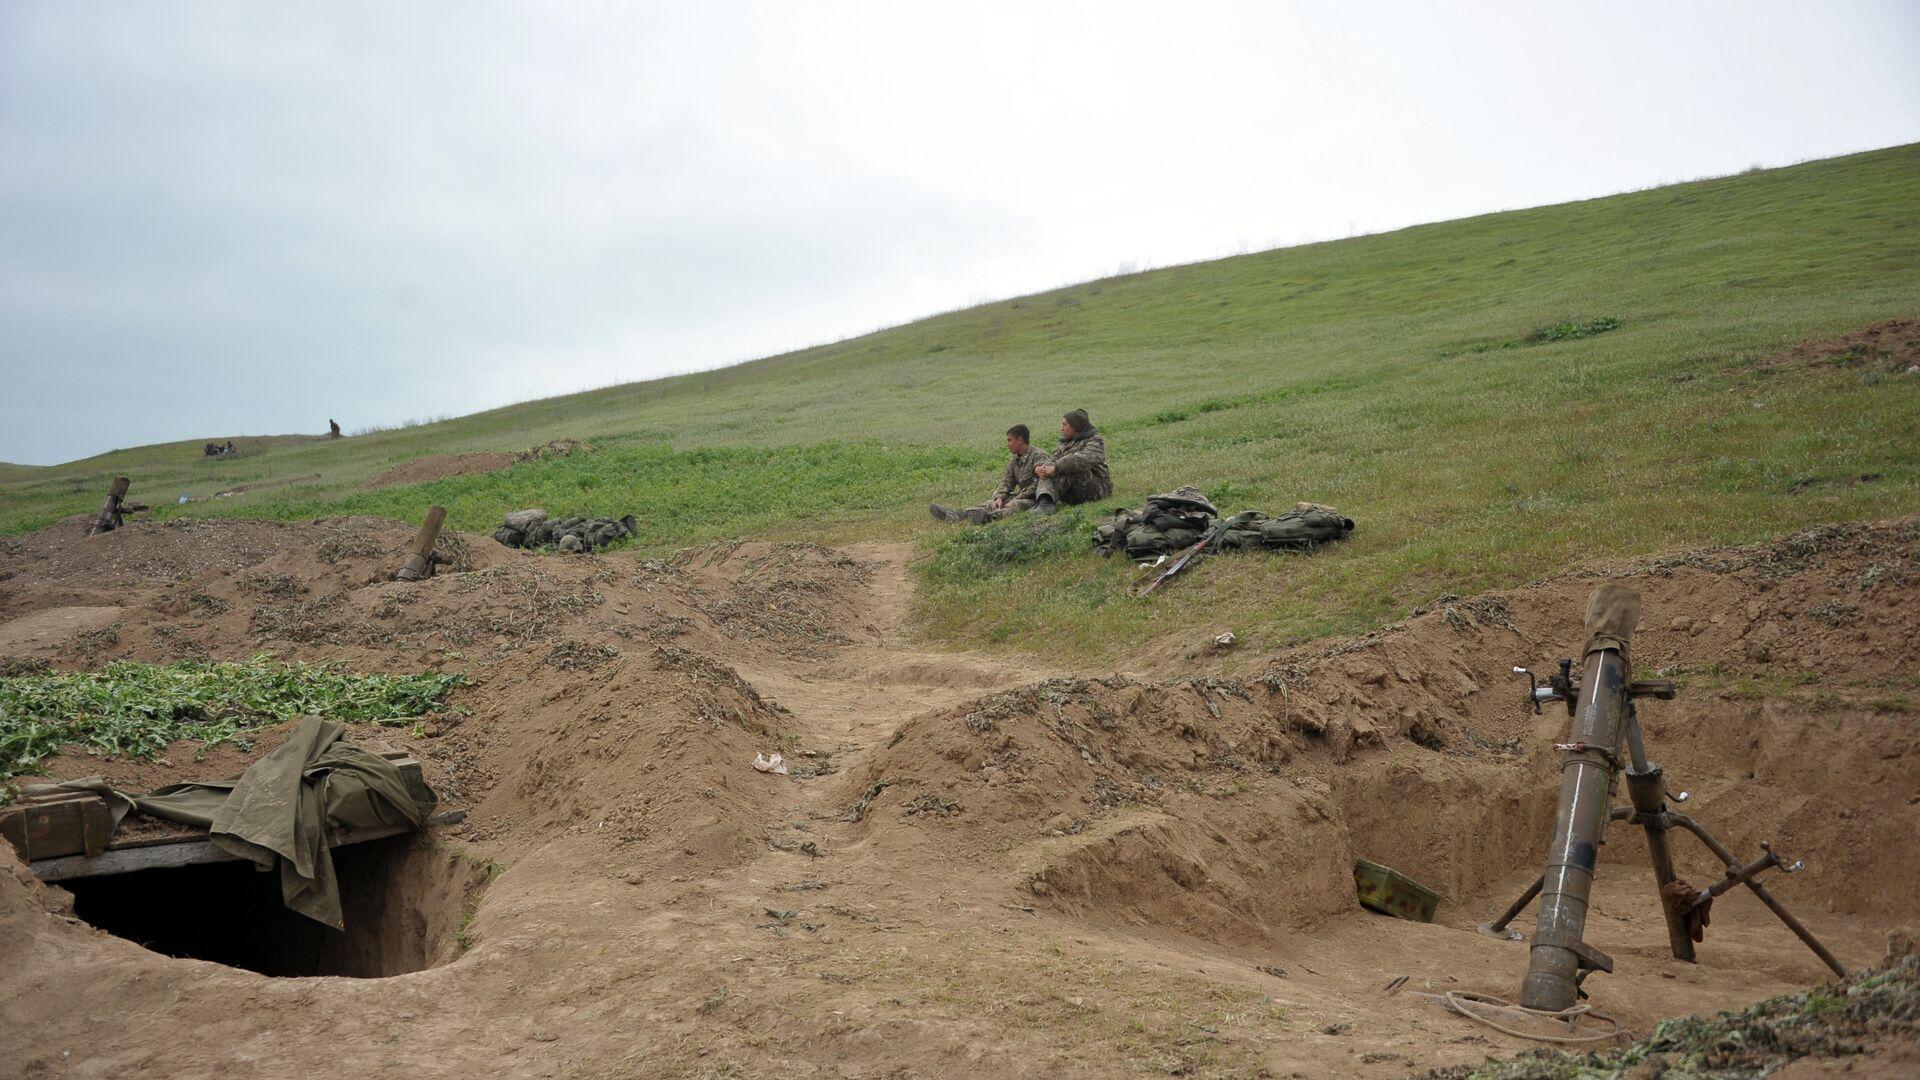 Ситуация в зоне карабахского конфликта - РИА Новости, 1920, 29.09.2020